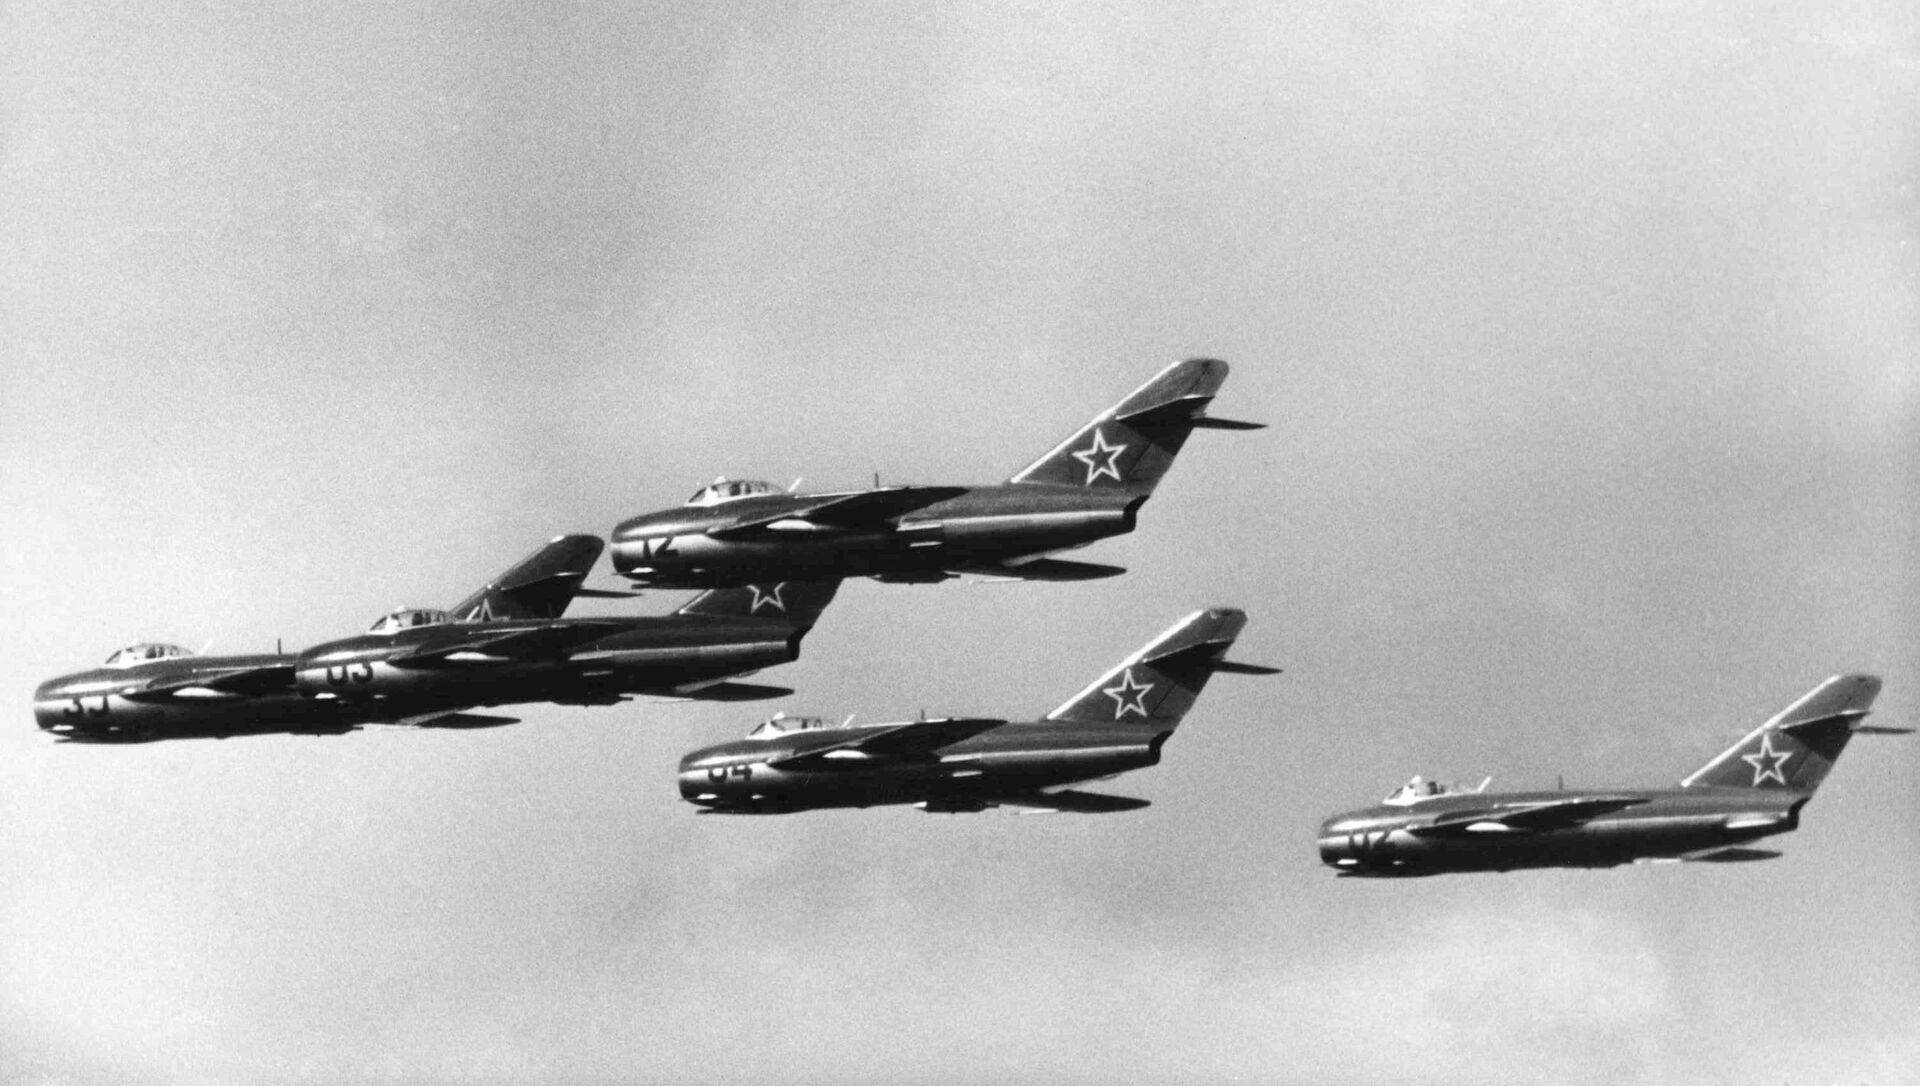 Máy bay chiến đấu MIG-15 của Nga tại một lễ hội ở Đức, 1957 - Sputnik Việt Nam, 1920, 13.04.2021